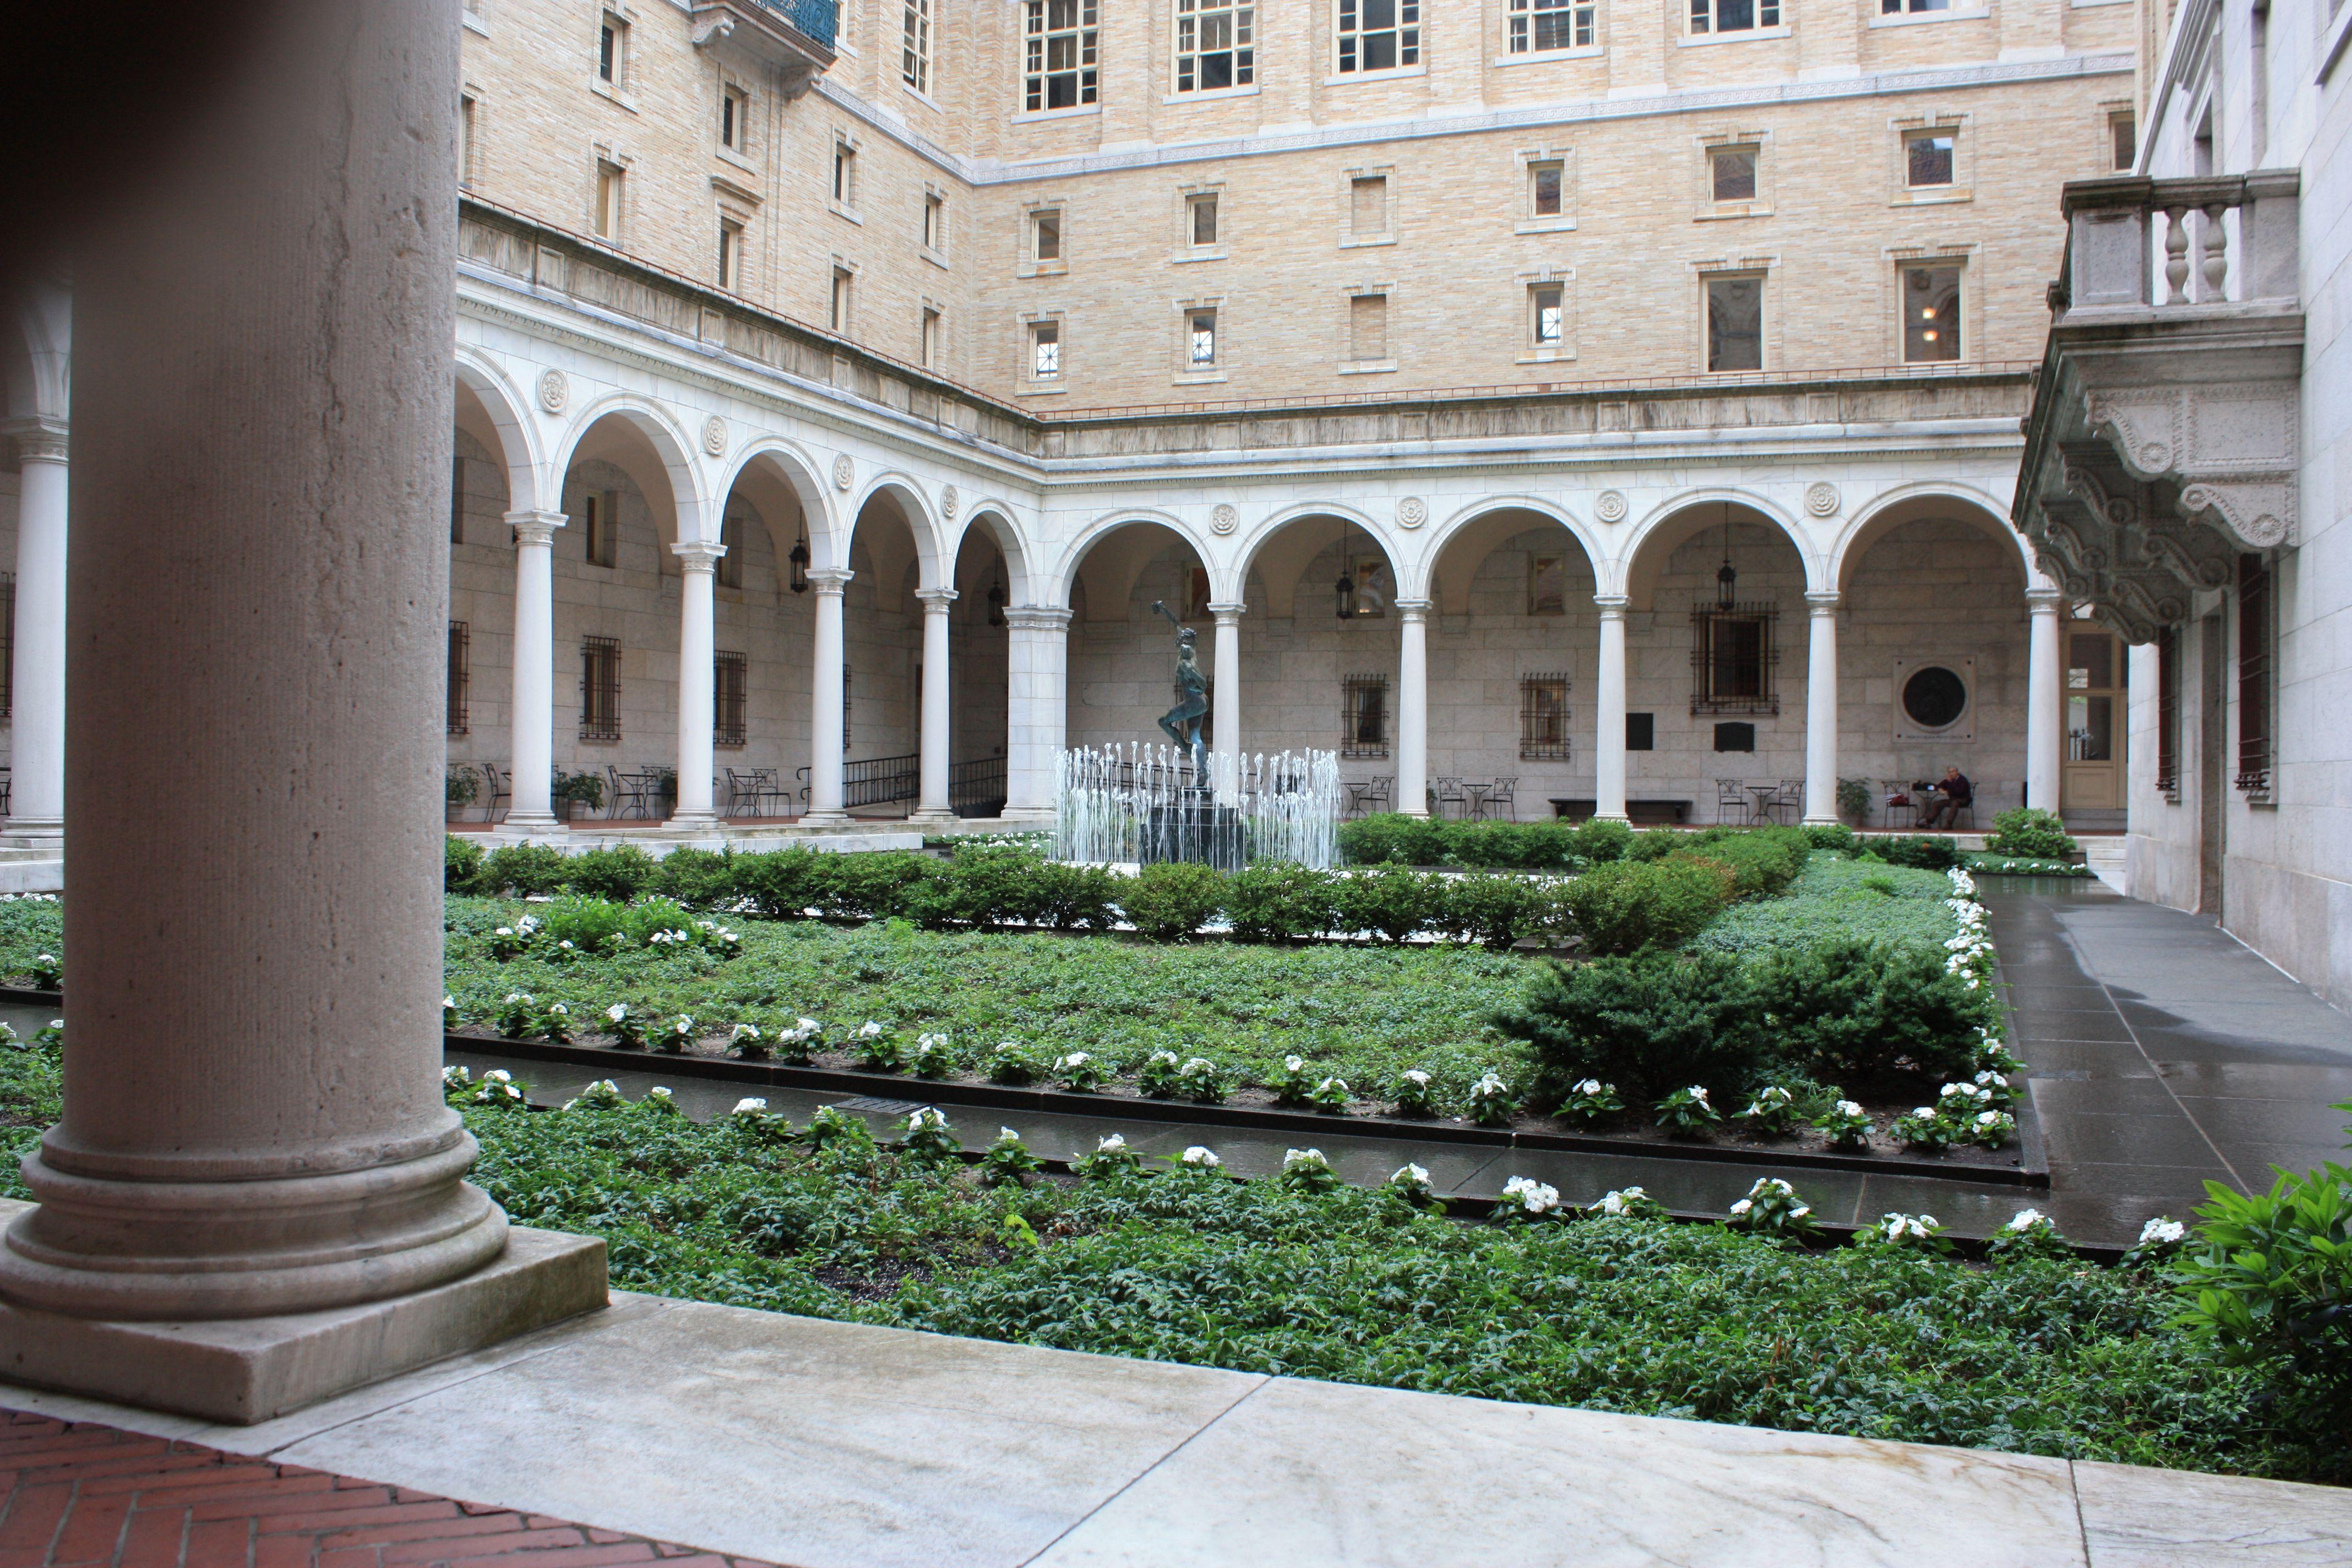 Boston Public Library Courtyard with Fountain. Literary Boston